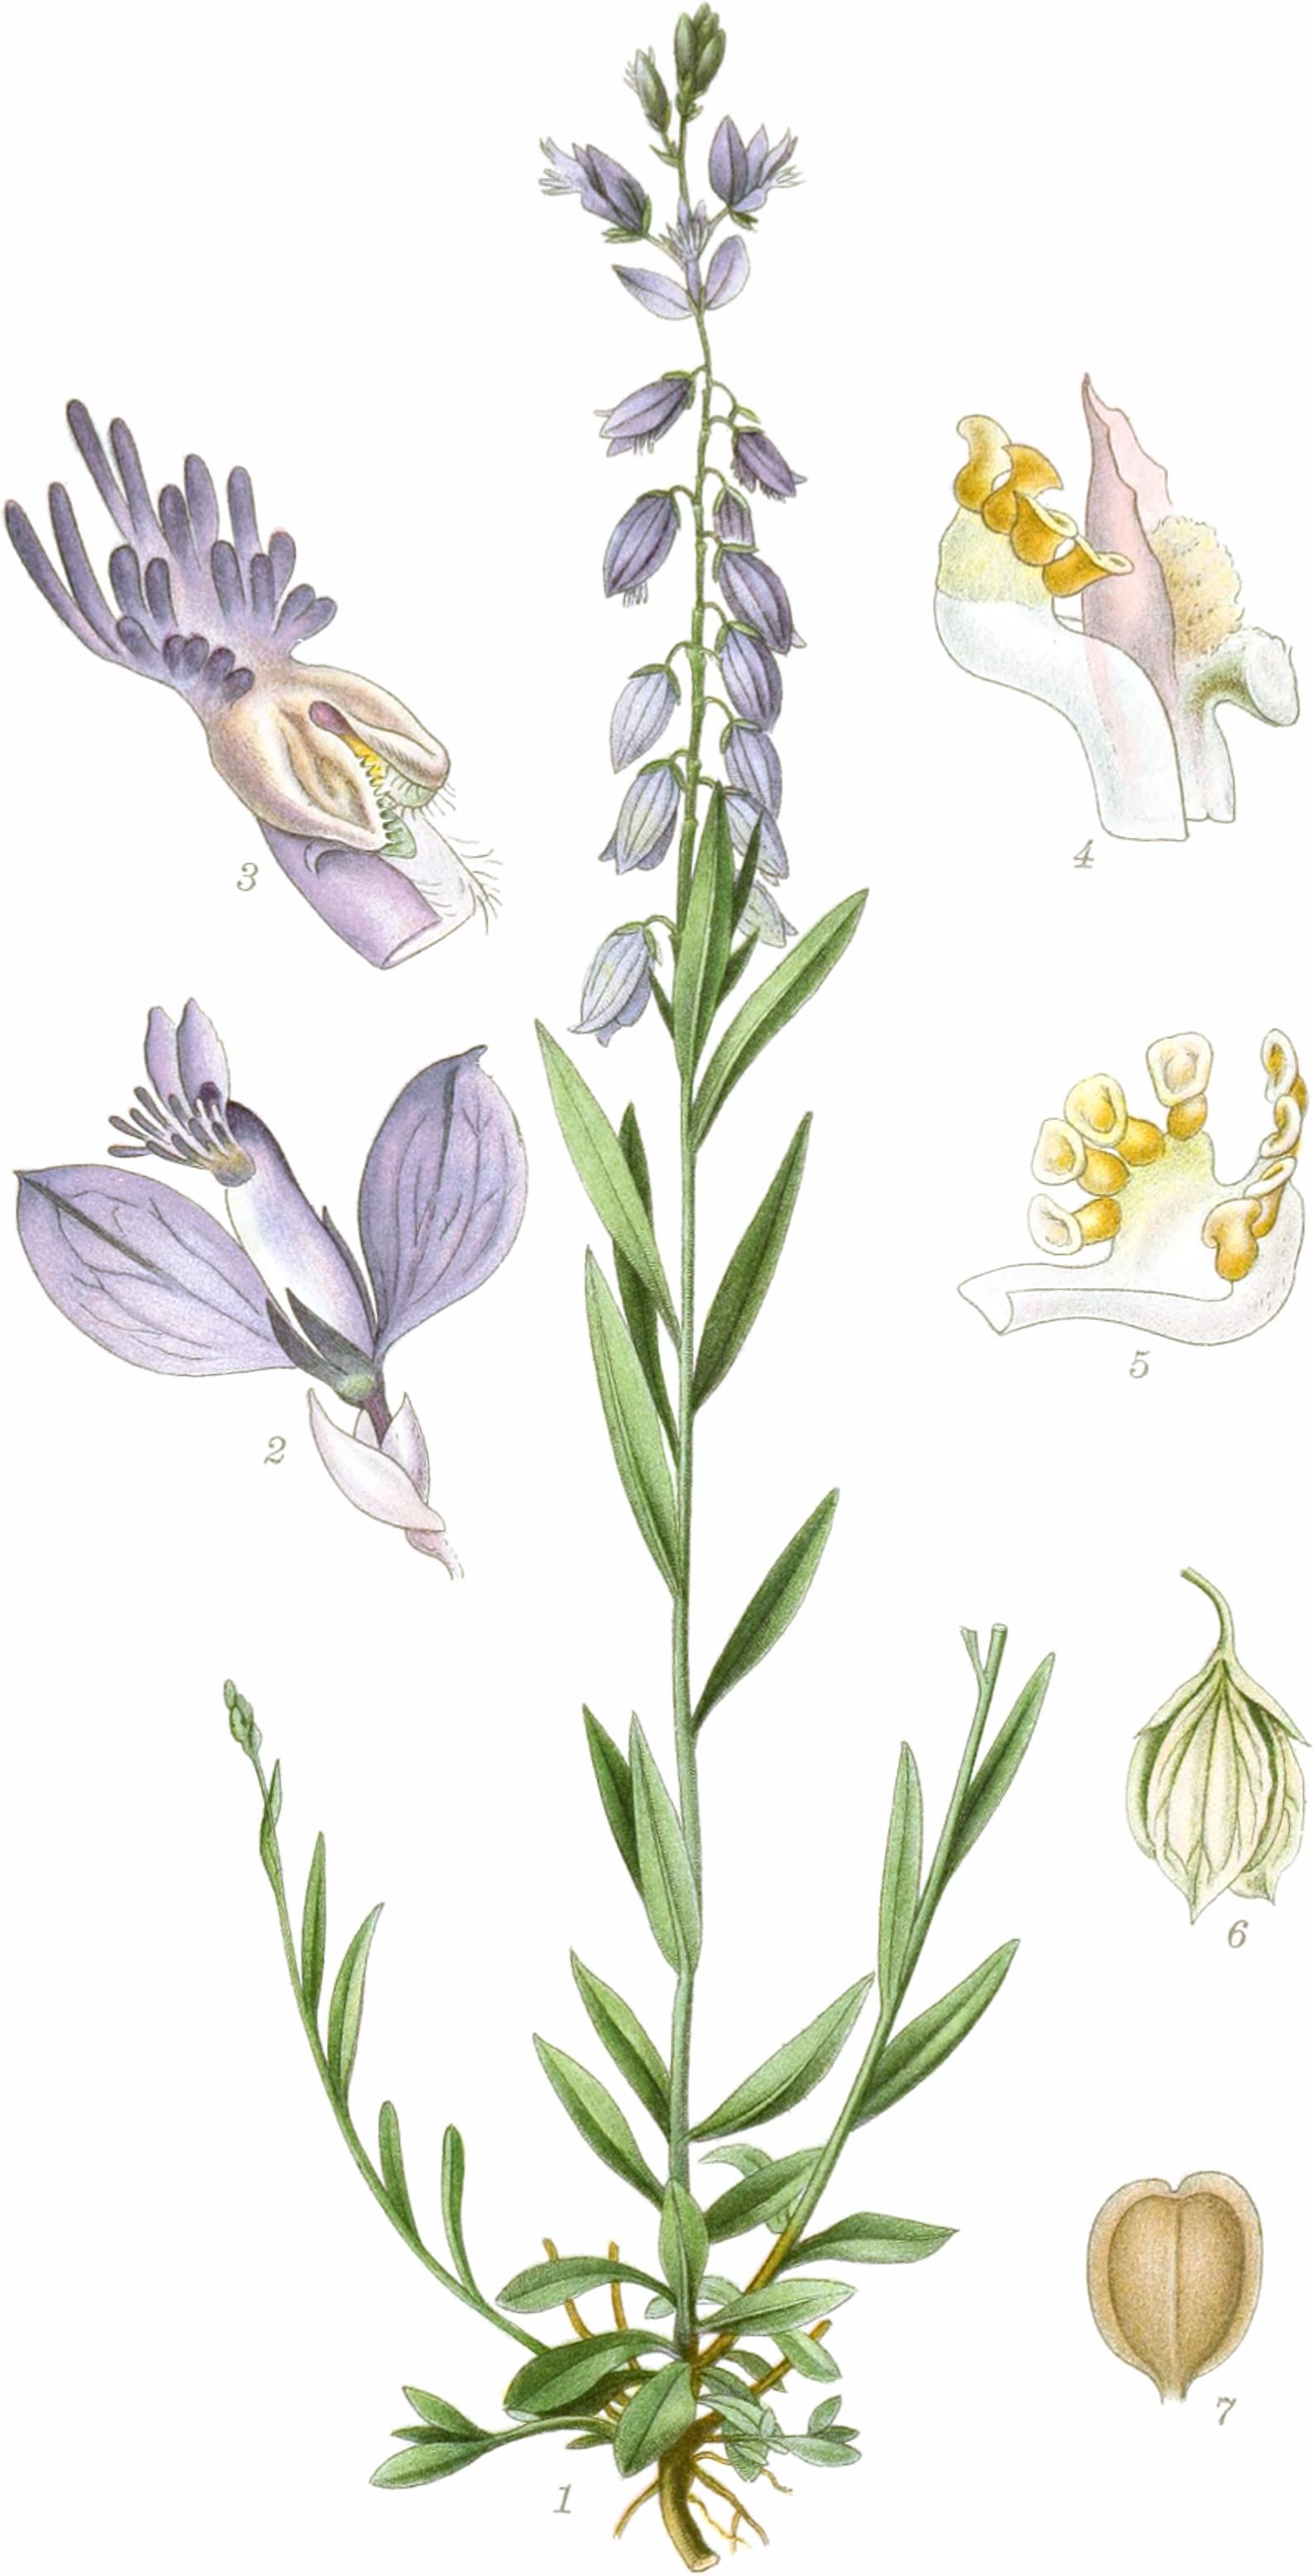 1.Einzelne Pflanze, von denen mehrere Schösslinge abgeschnitten sind. 2.Blüte an der Basis mit 3 Hochblättern (3/1). 3.das Schiffchen und die darin enthaltenen Fortpflanzungsorgane (12/1). 4.Staubblatt-Röhre mitsamt der Stempel; zwischen den Klappen liegt eine Staubmasse (28/1); selbige Ansicht wie in Abb.3. 5.Blick von der Innenseite des Staubblattbündels (28/1). 6Die Frucht, umgeben von den beiden Kelchblättern (2/1). 7Reife Früchte (2/1).—Abbildung aus Mentz & Ostenfeld (1917-1923); Gewöhnliche Kreuzblume, Gemeine Kreuzblume, Kreuzblümchen, Milchblume, Natterblume and Ramsel